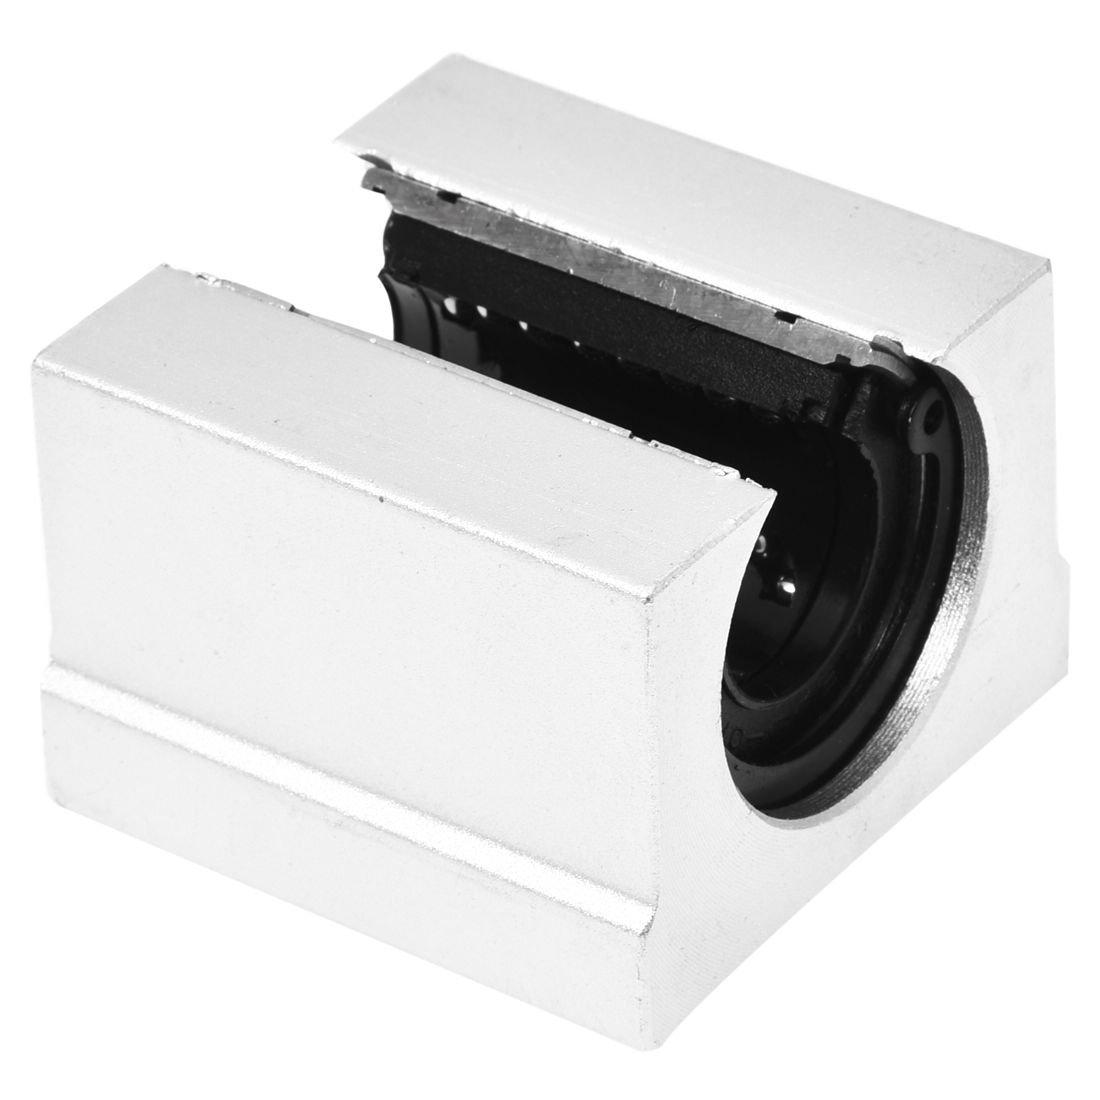 SODIAL 4x Bloc coulissant en Aluminium lineaire SBR20UU,20mm Bloc coulissant de motion router en C Argent